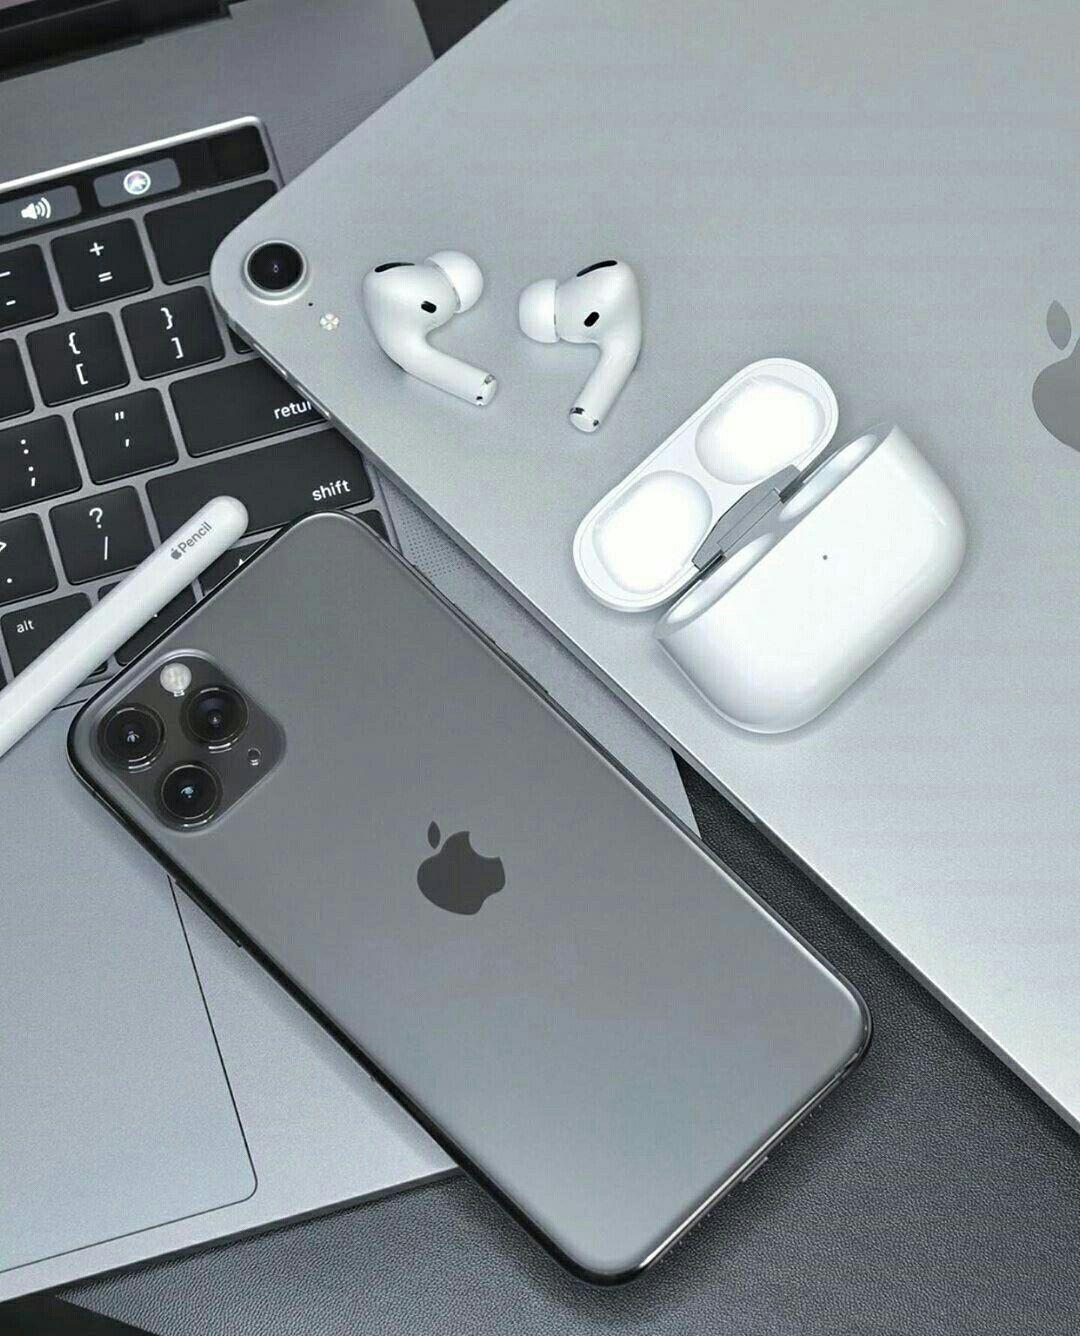 Pin Von Akeno Phillips Auf Wallpaper For Apple In 2020 Iphone Apple Produkte Handy